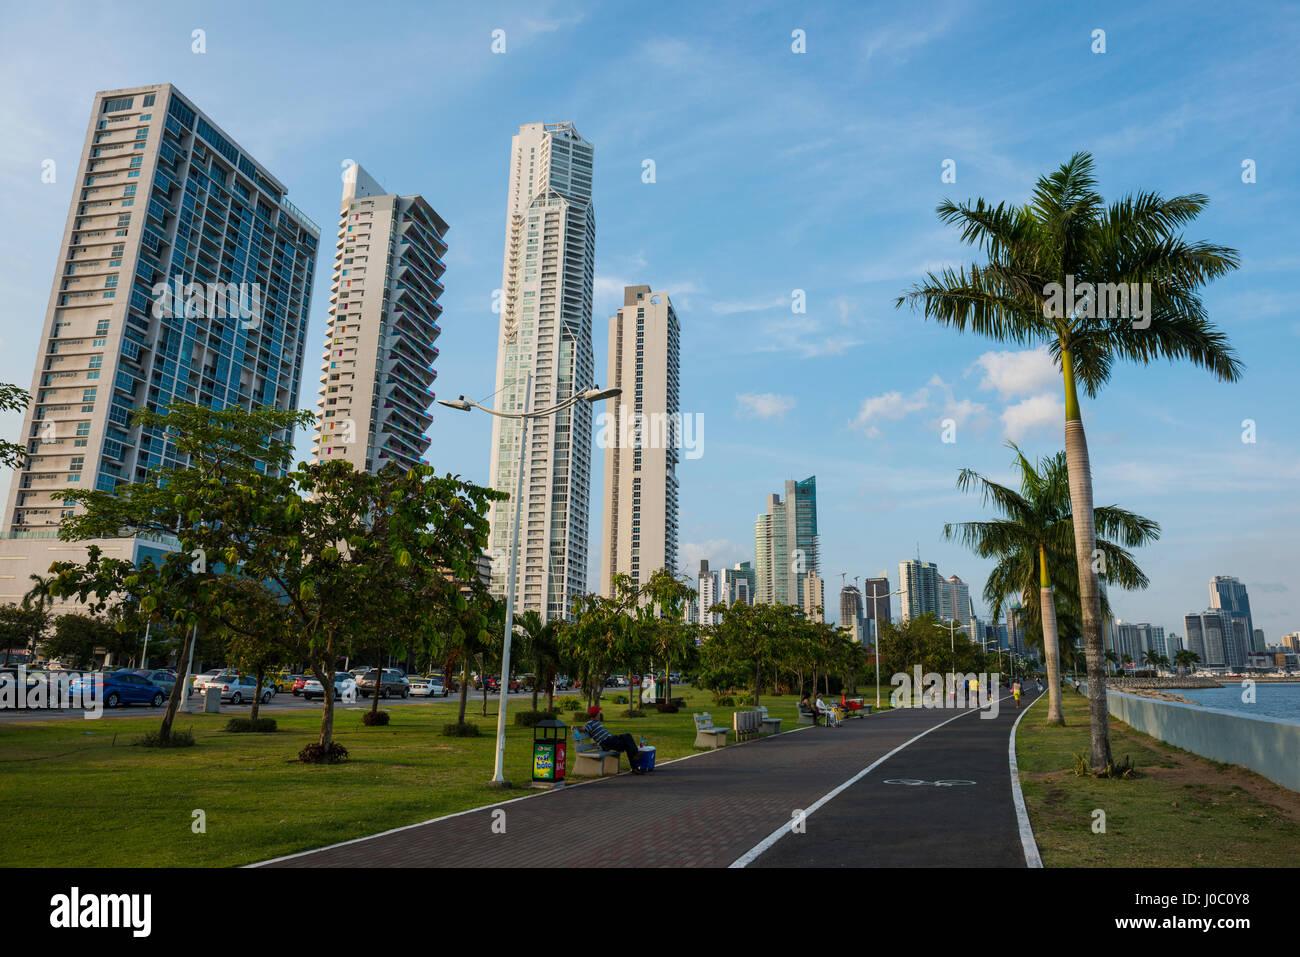 La passerella e lo skyline della città di Panama, Panama America Centrale Foto Stock